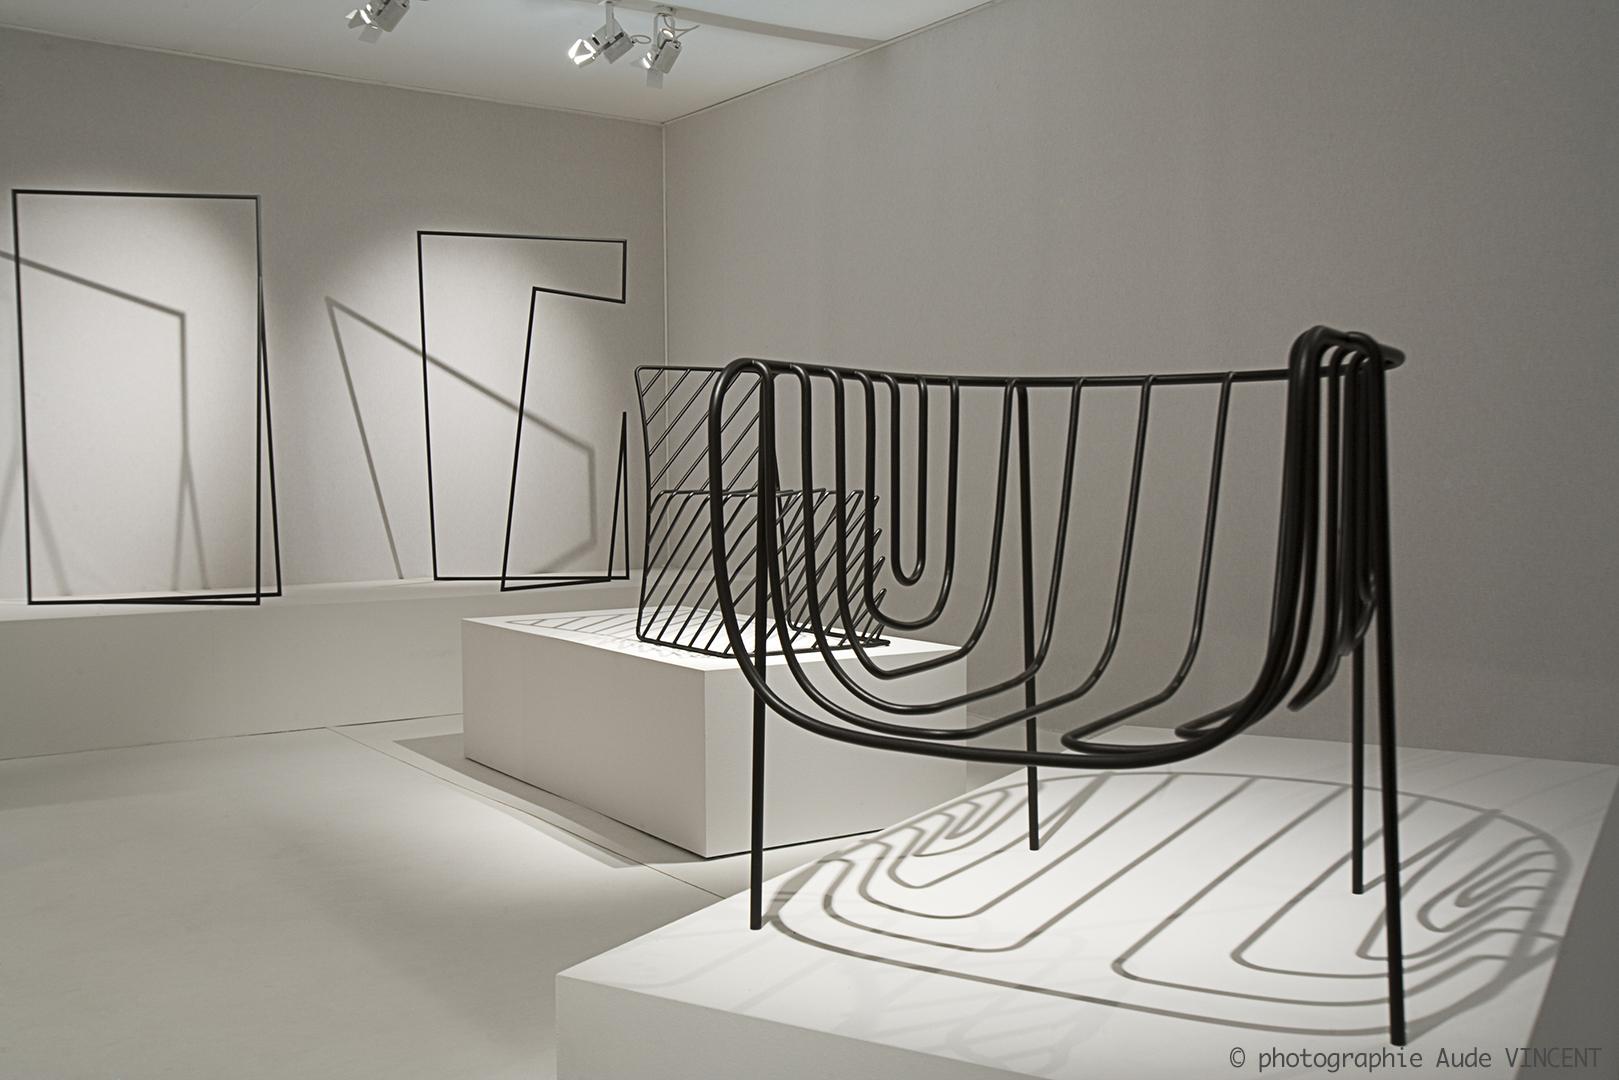 Photographie de l'espace tendance Haute Tension, concept & scénographie Elizabeth Leriche